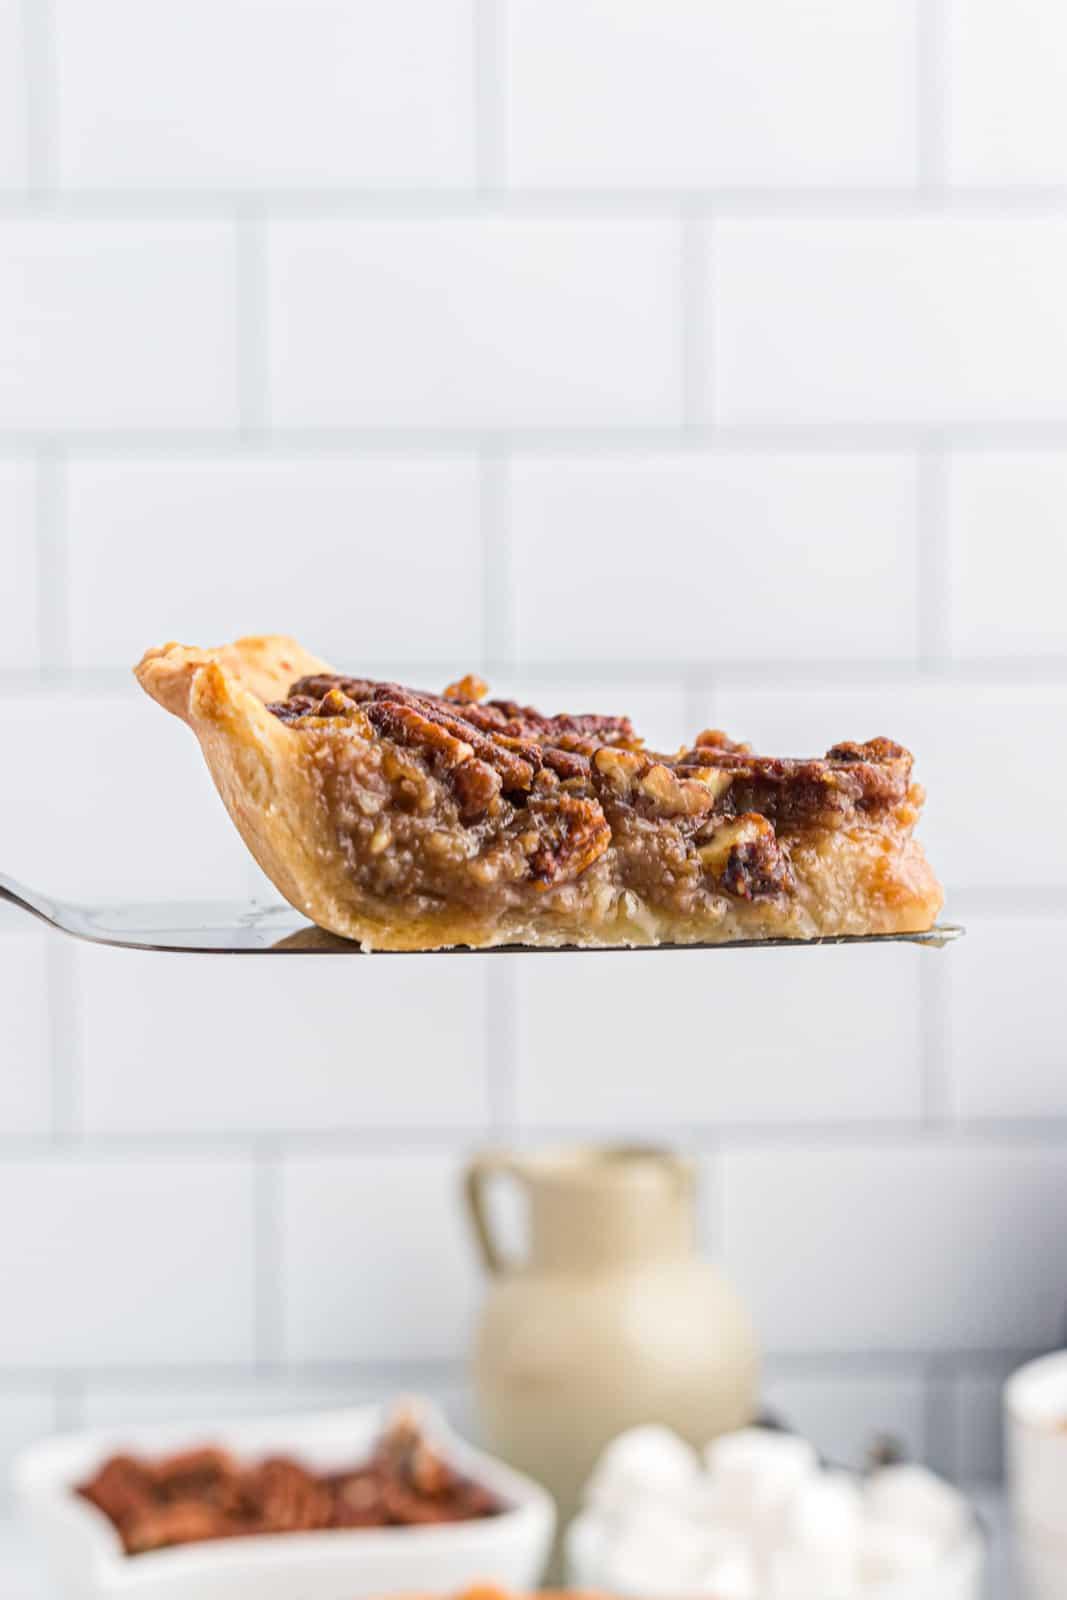 Pie server holding up slice of pie